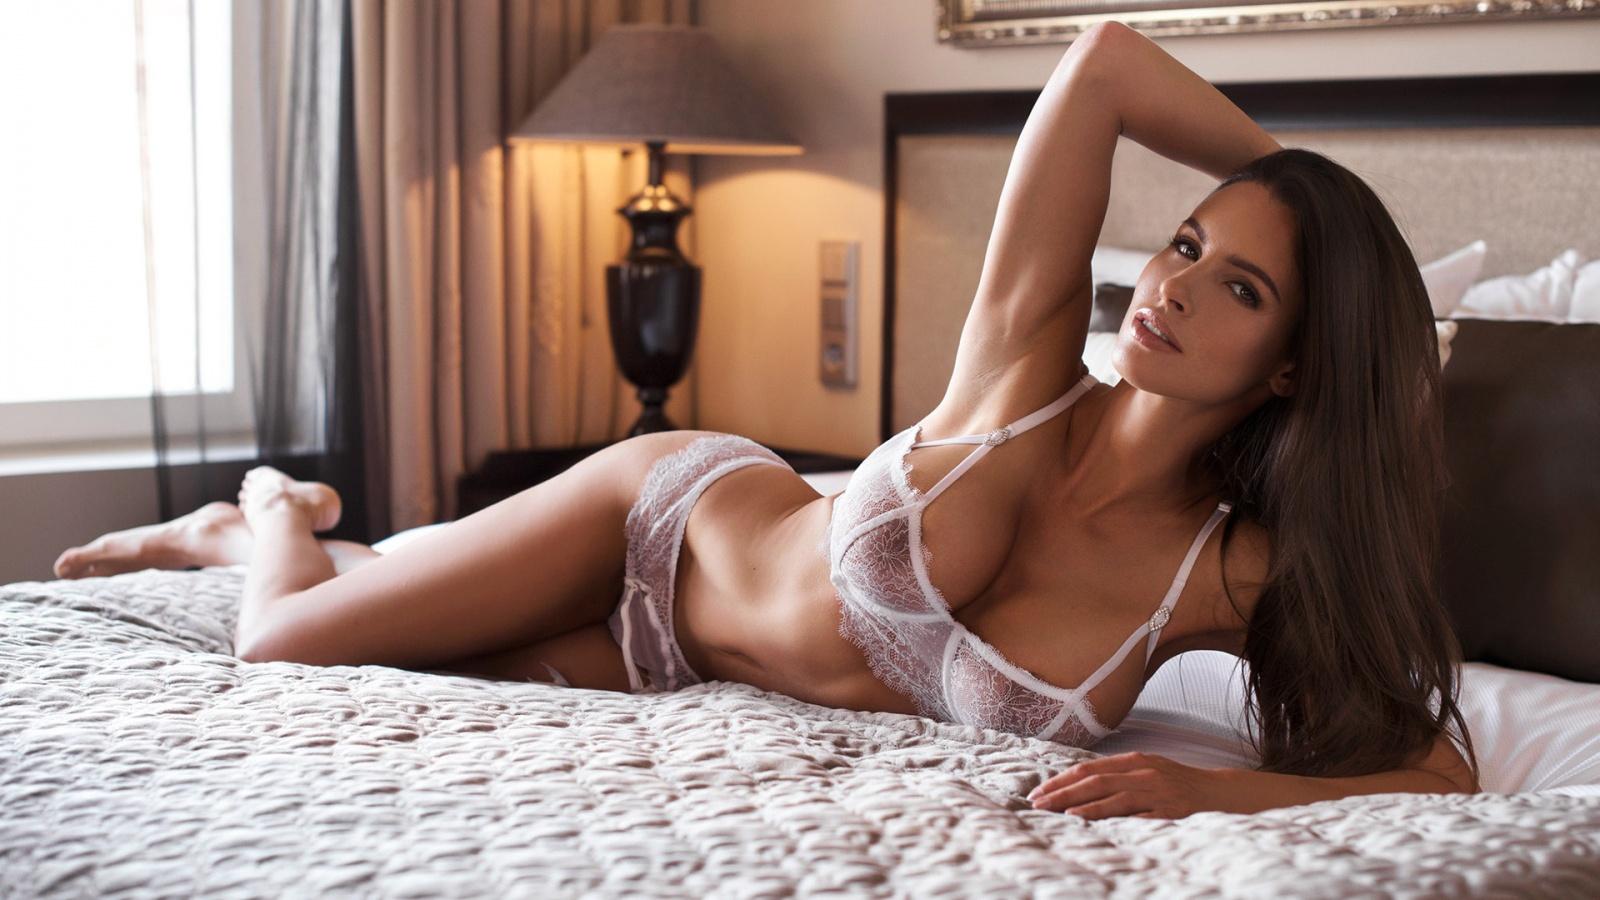 Erotic video set showing julie vee wearing stockings in hd